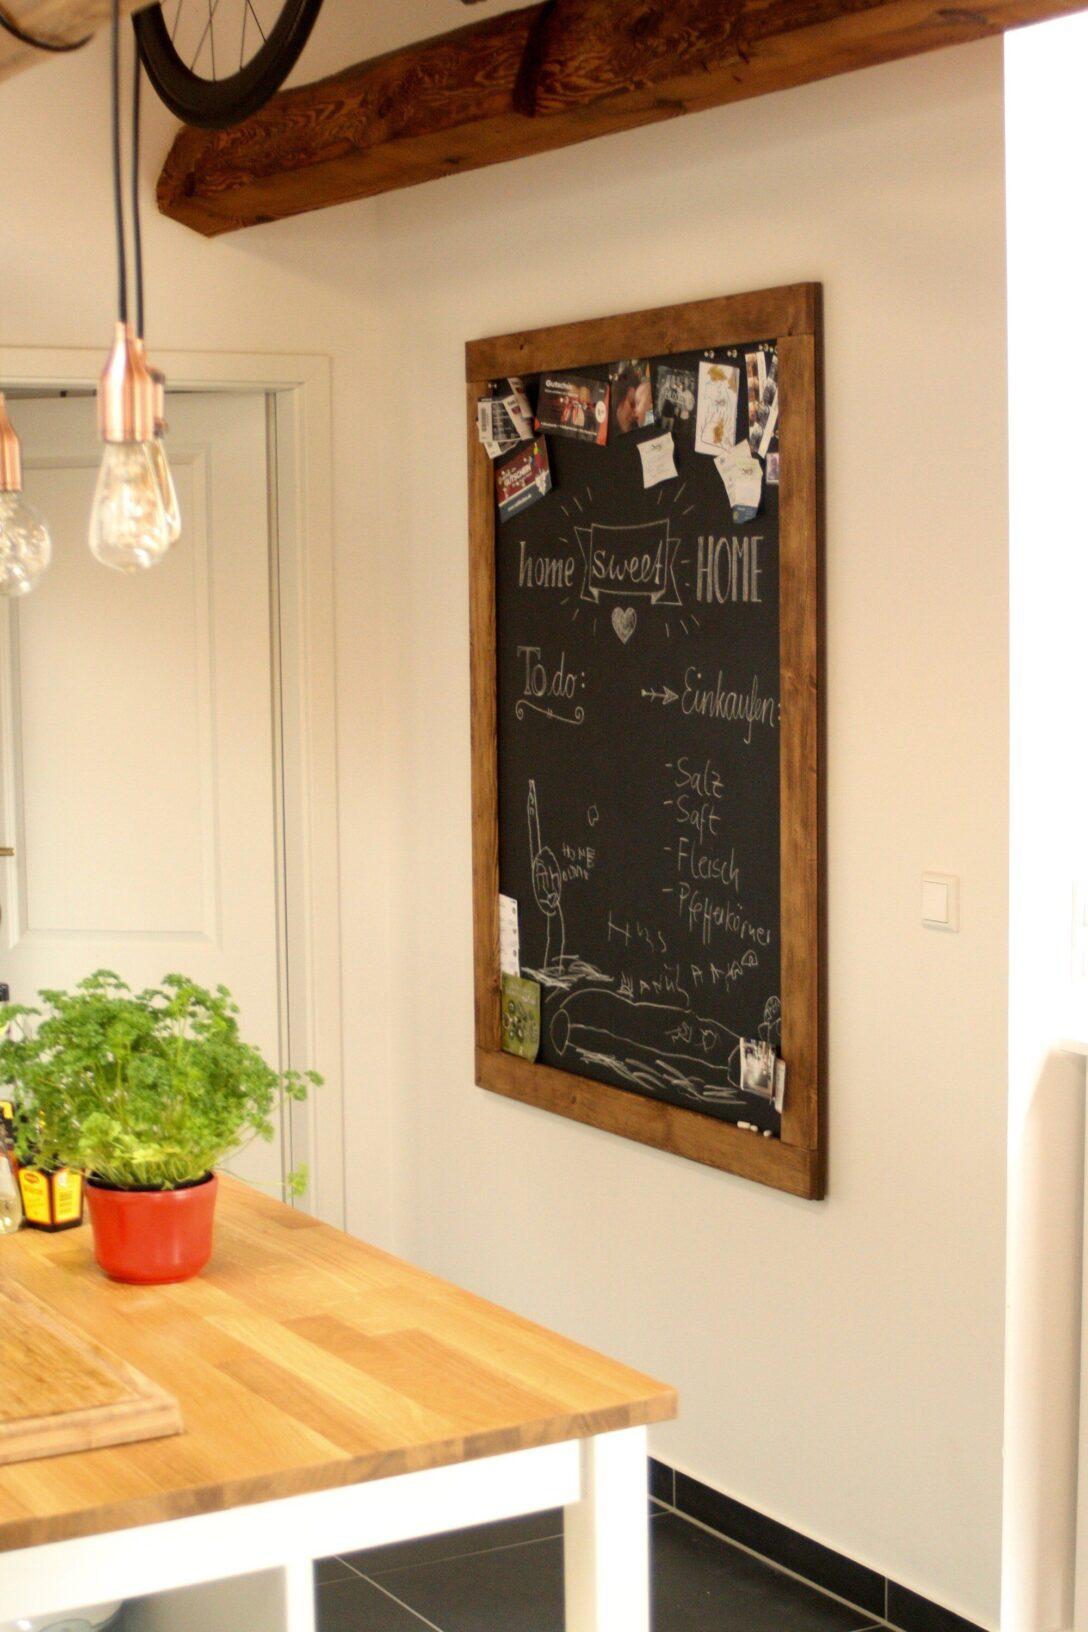 Large Size of Magnettafel Kreidetafel Pinnwand Holztafel Magnetisch Tafelwand Hängeschrank Küche Höhe Einbauküche Mit E Geräten Weiß Matt Singleküche Nobilia Wohnzimmer Magnetwand Küche